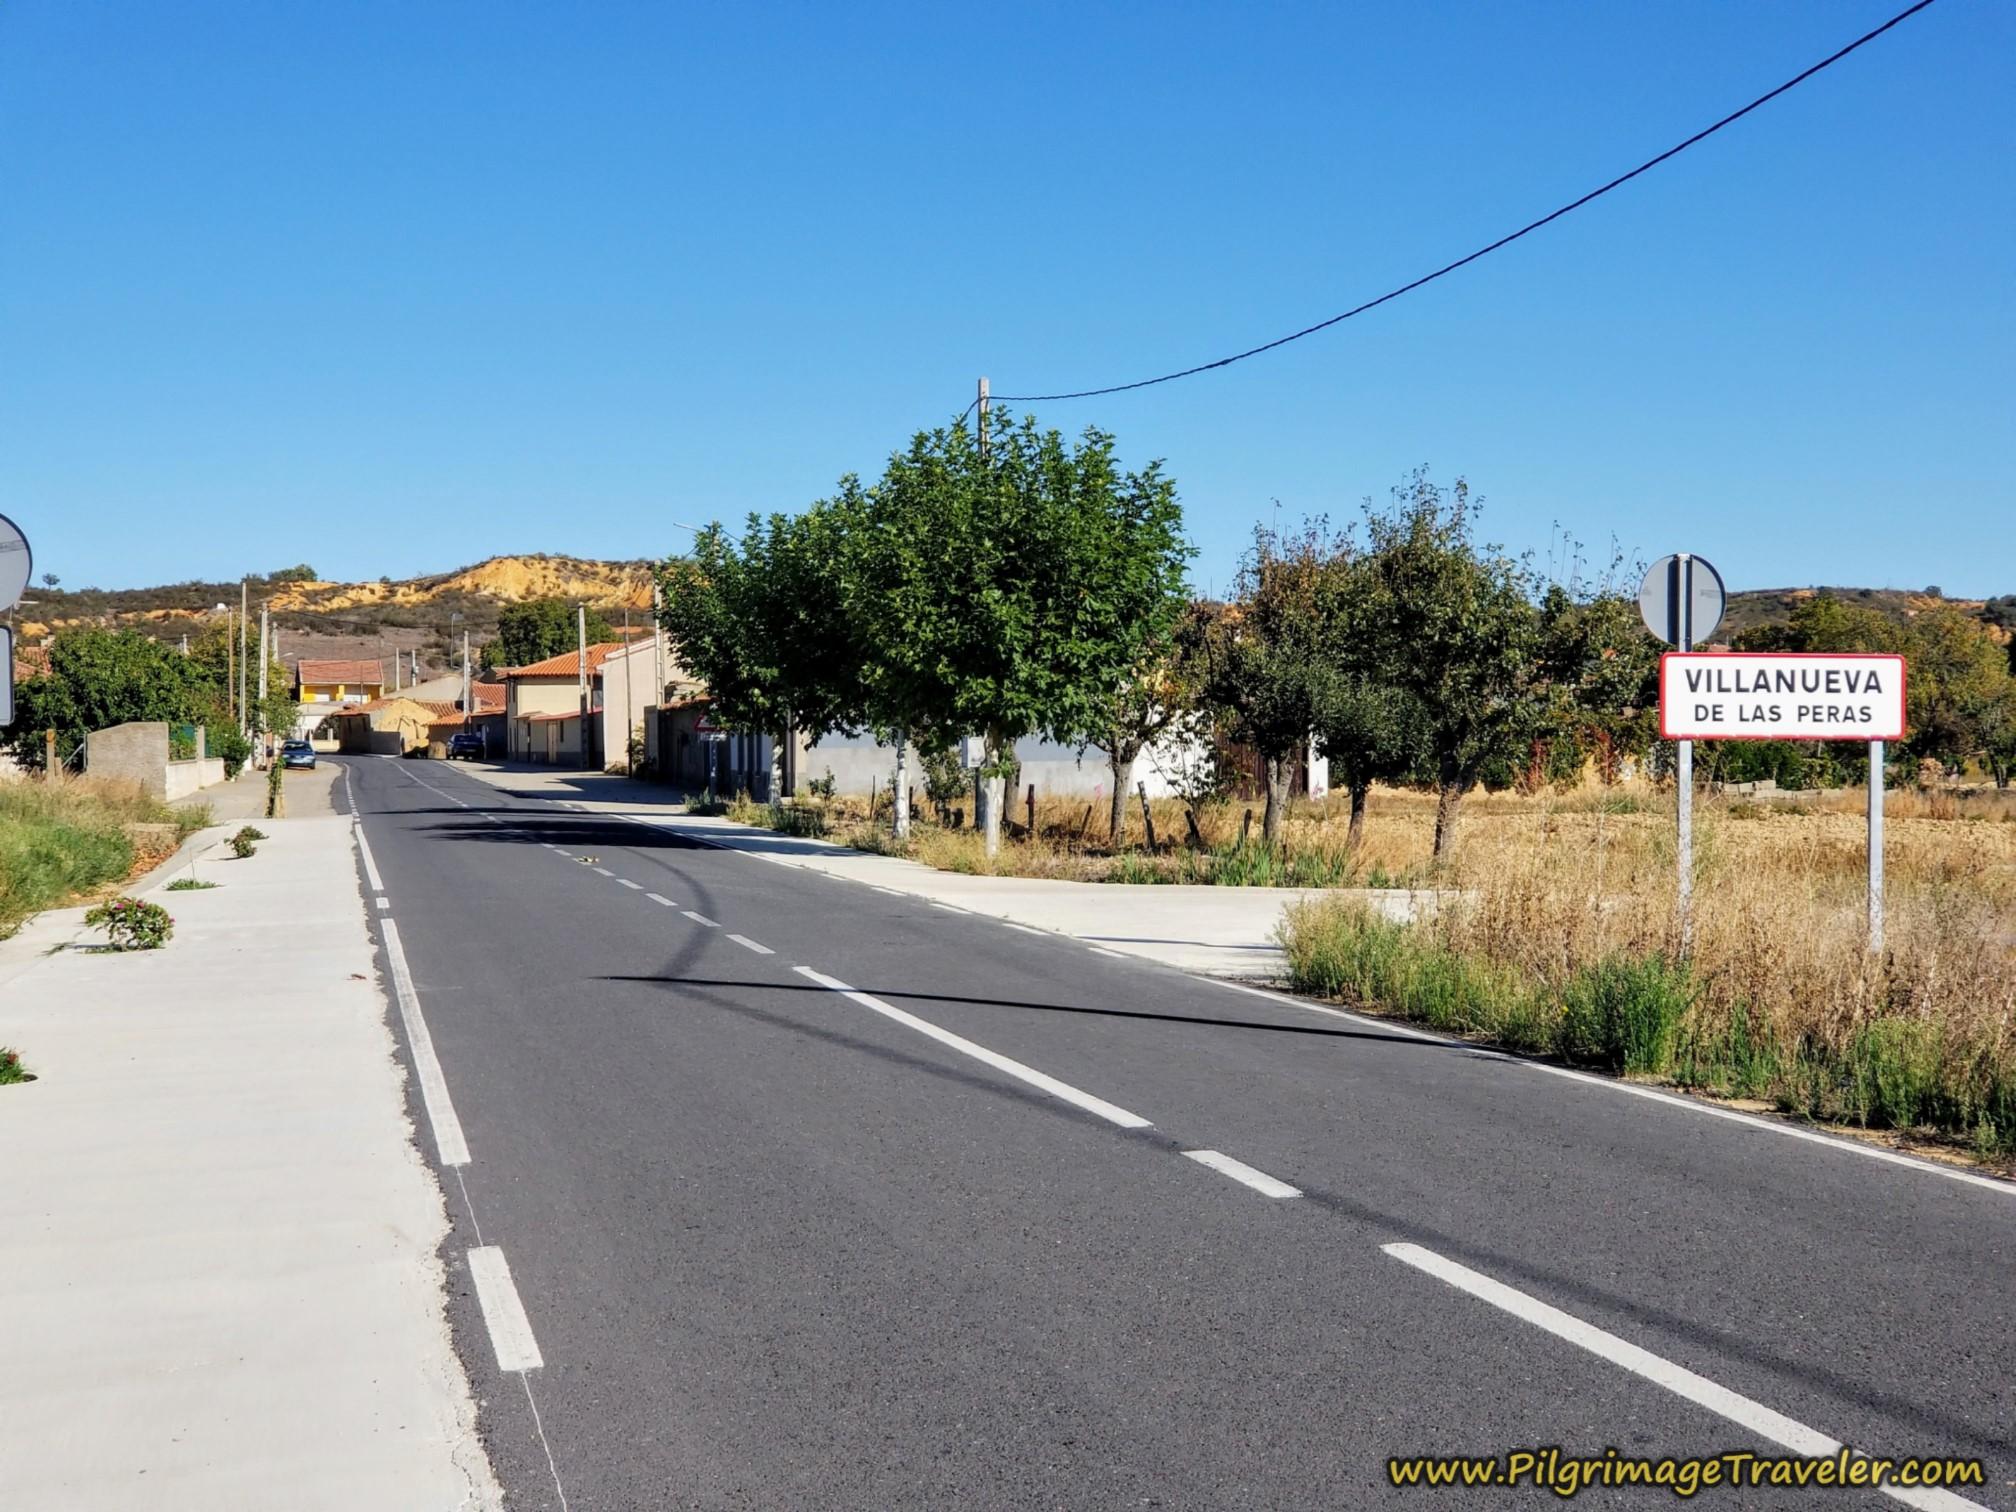 Welcome to Villanueva de las Peras